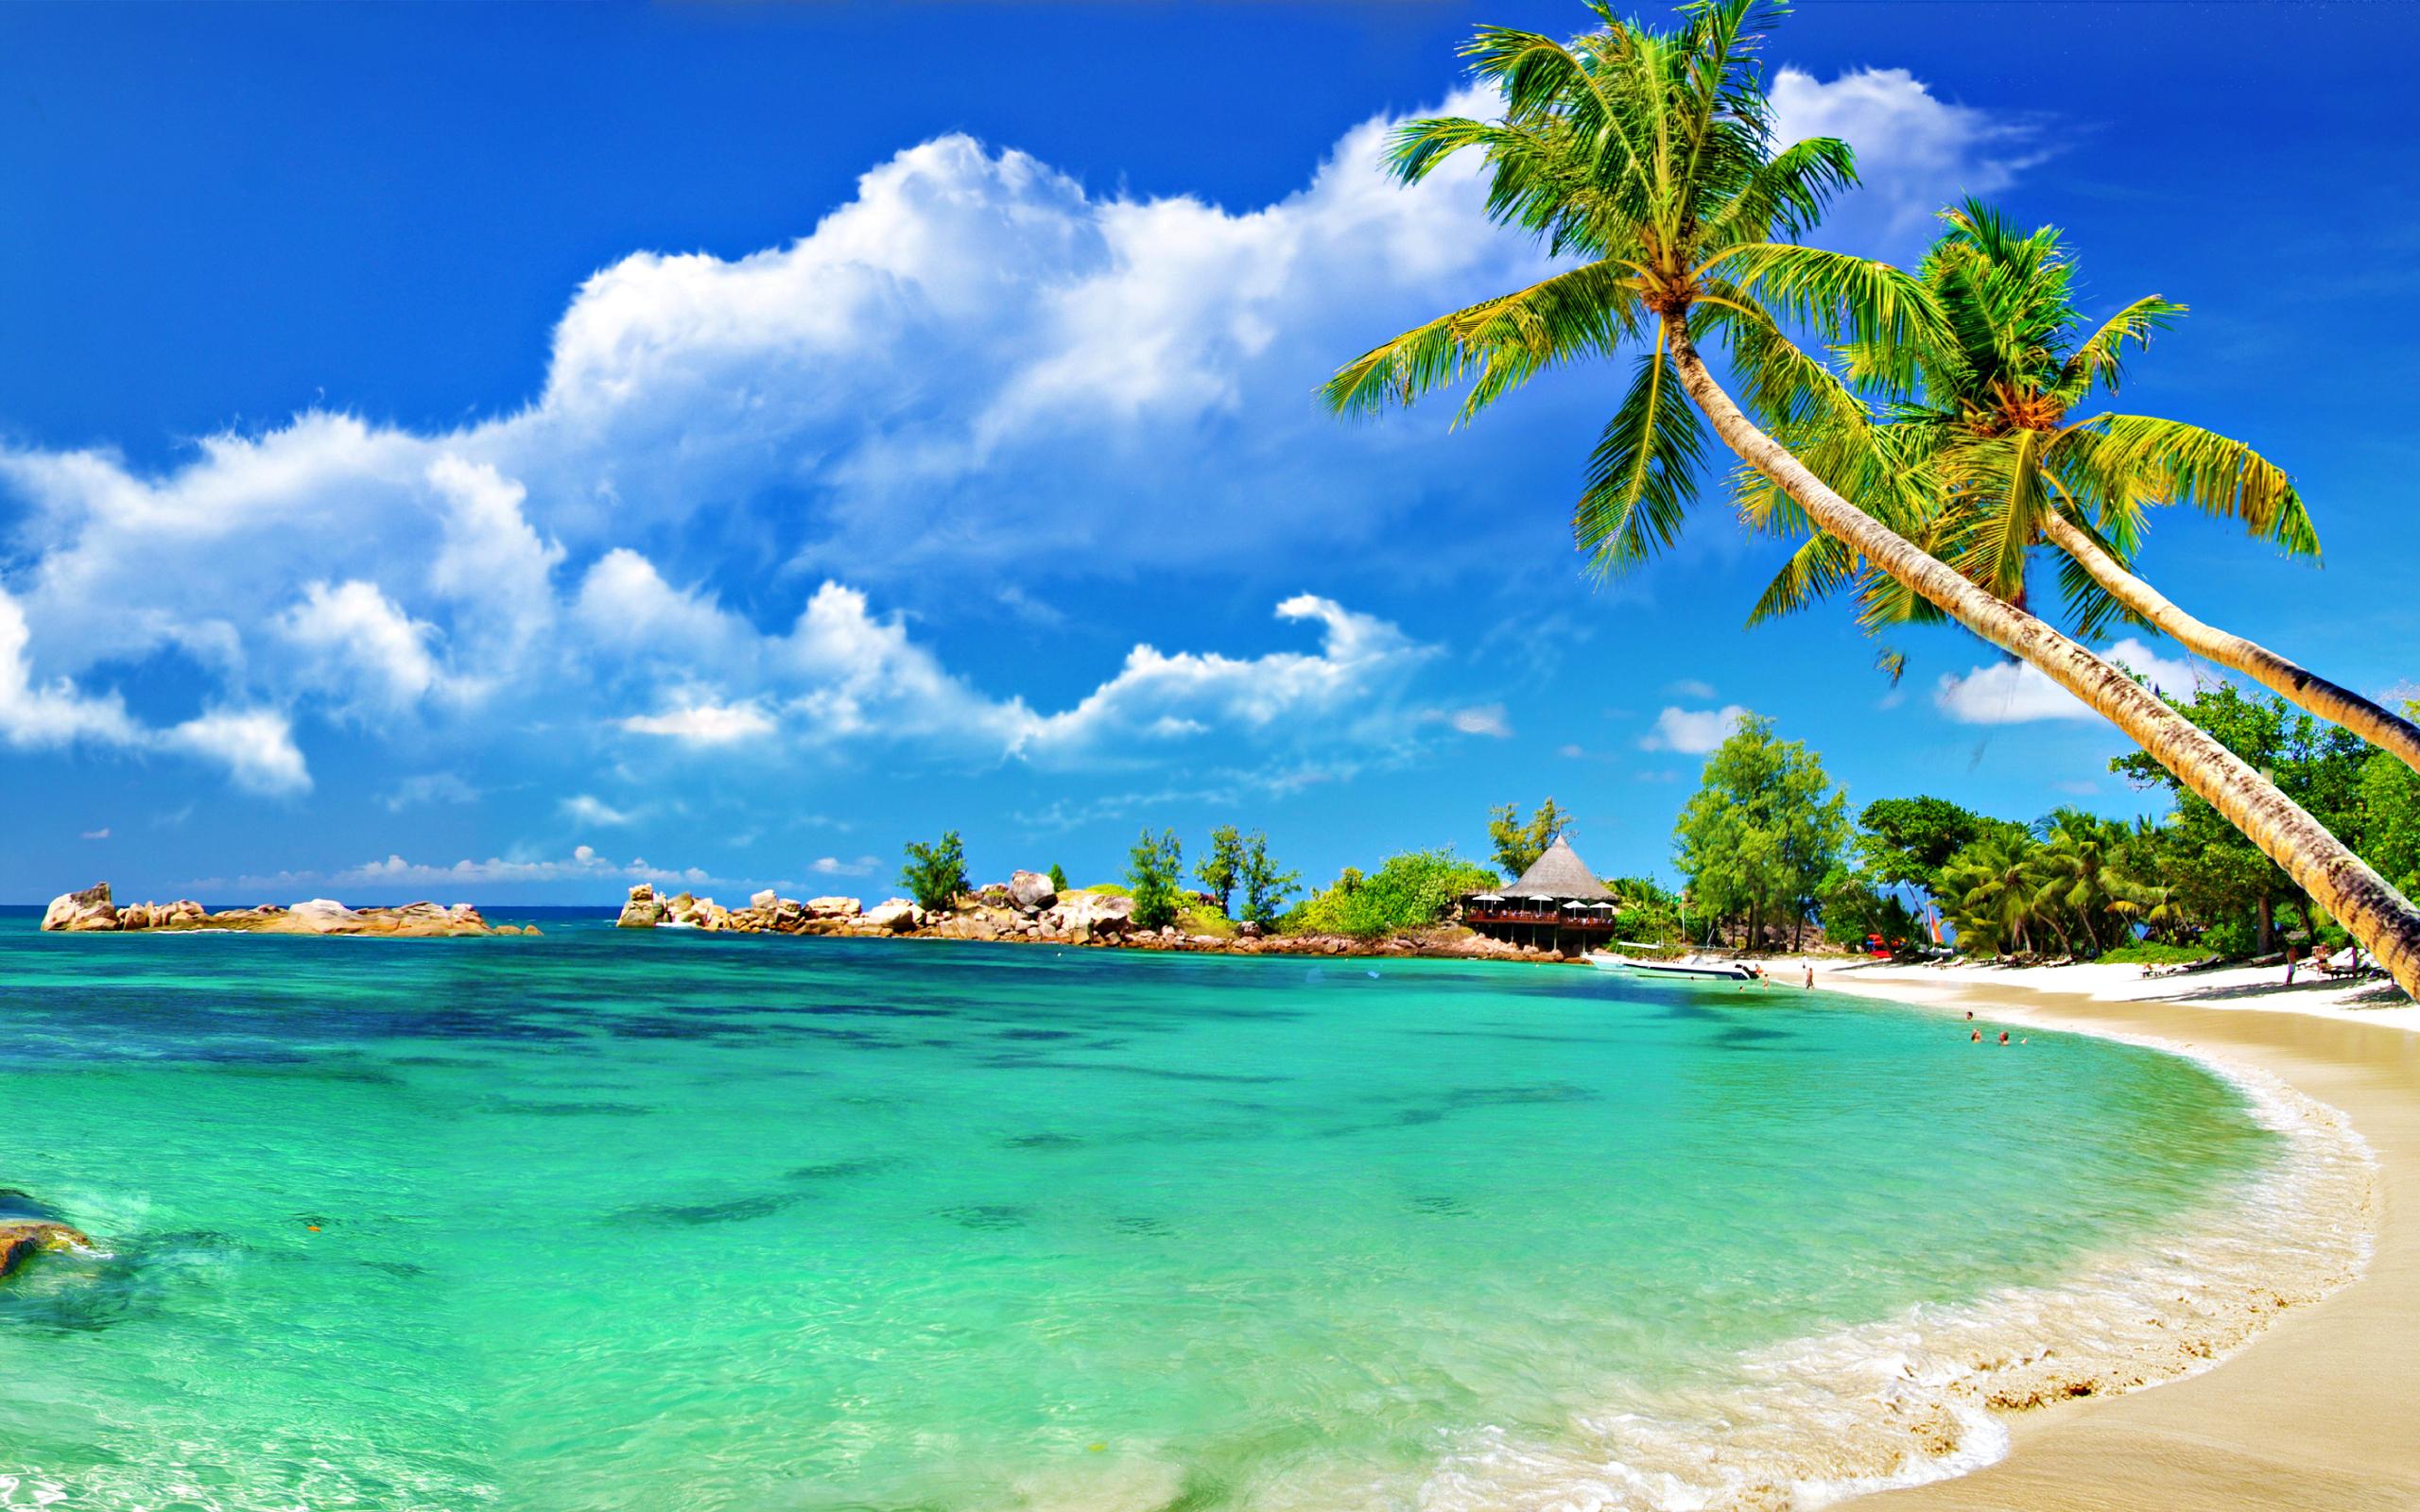 Tropical Beach Clipart - Clipart Kid